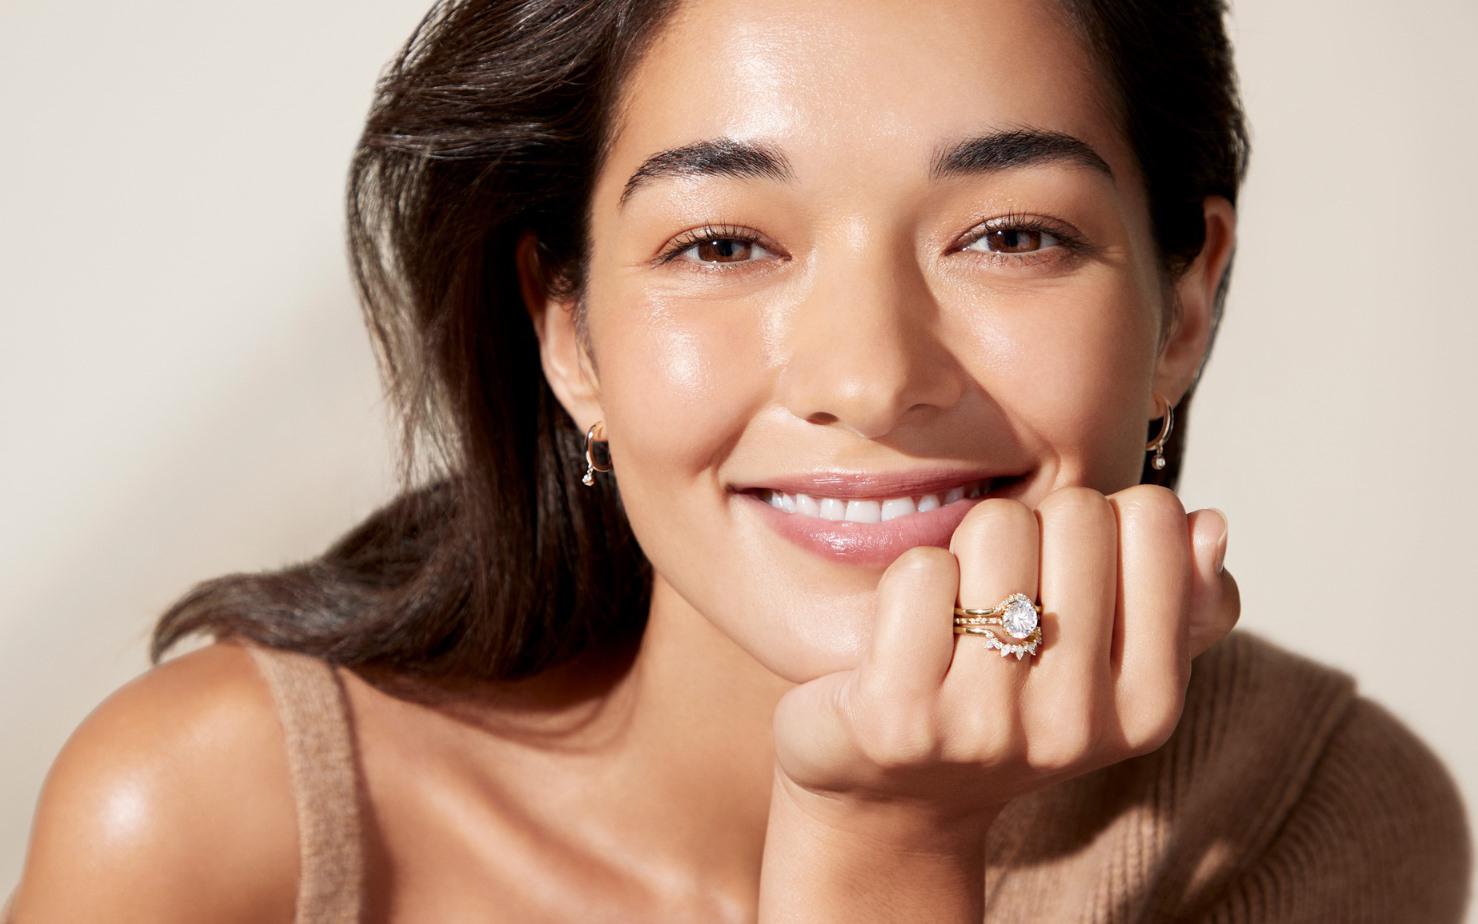 加入 DTC 上市潮,钻石品牌 Brilliant Earth 2020 年营收 2.52 亿美元|太长不看